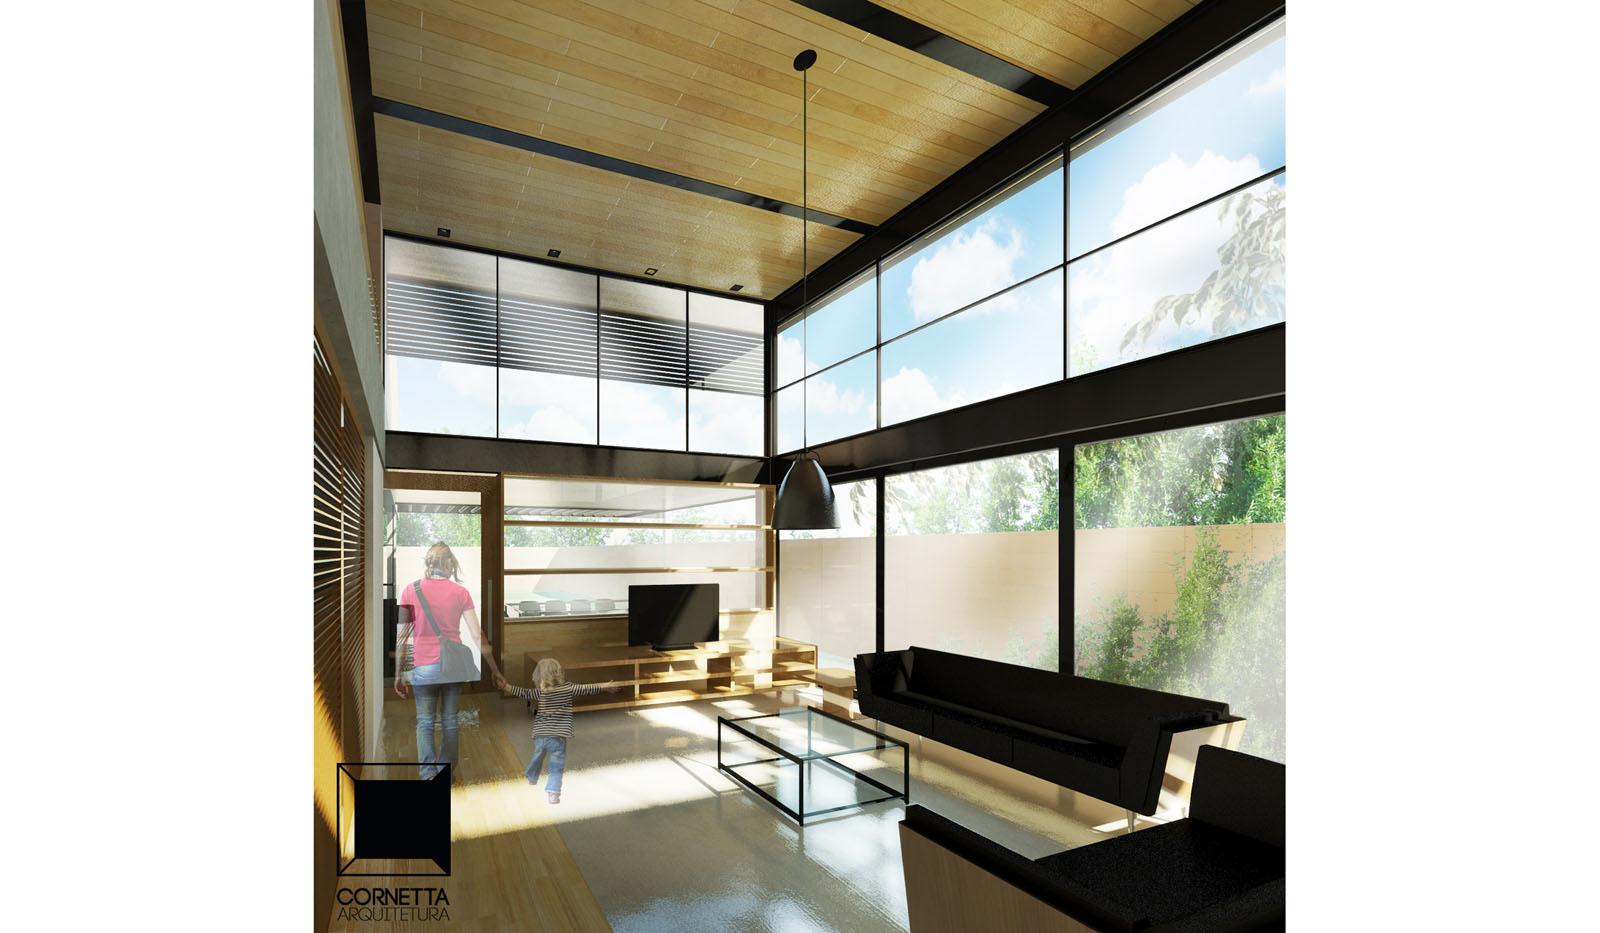 Casa mgh 2 projeto para sobrado - Modelo de casa modernas ...